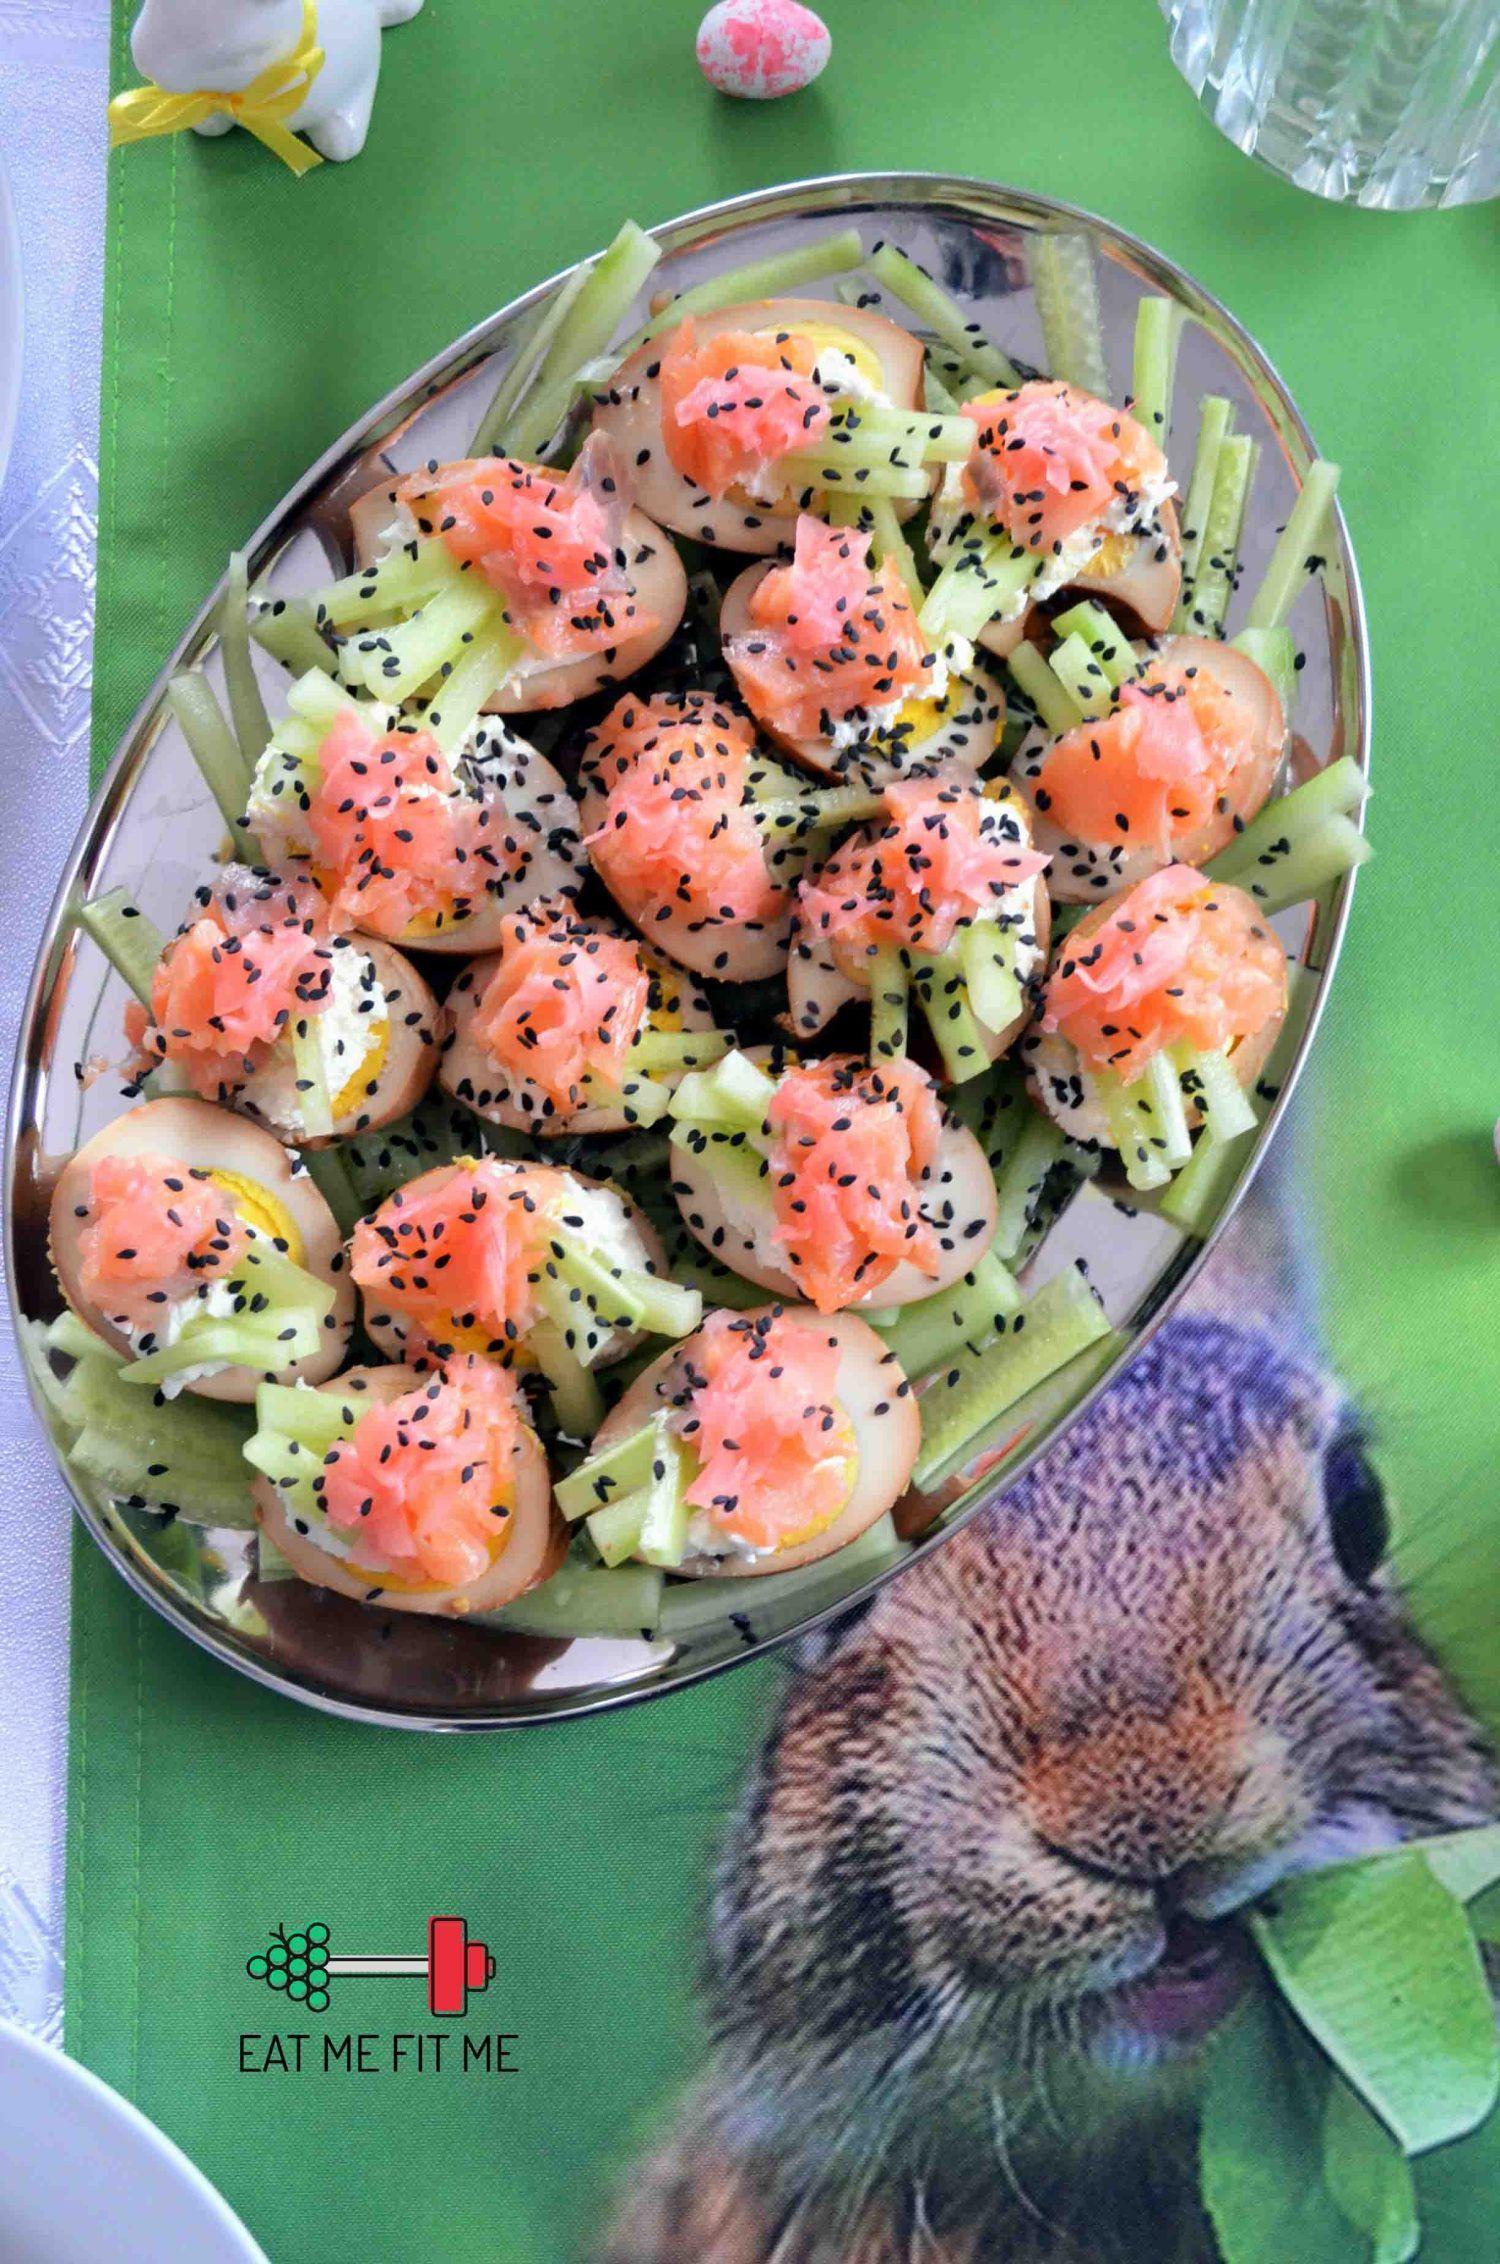 Jajka a'la sushi czyli przepis na jajka wielkanocne